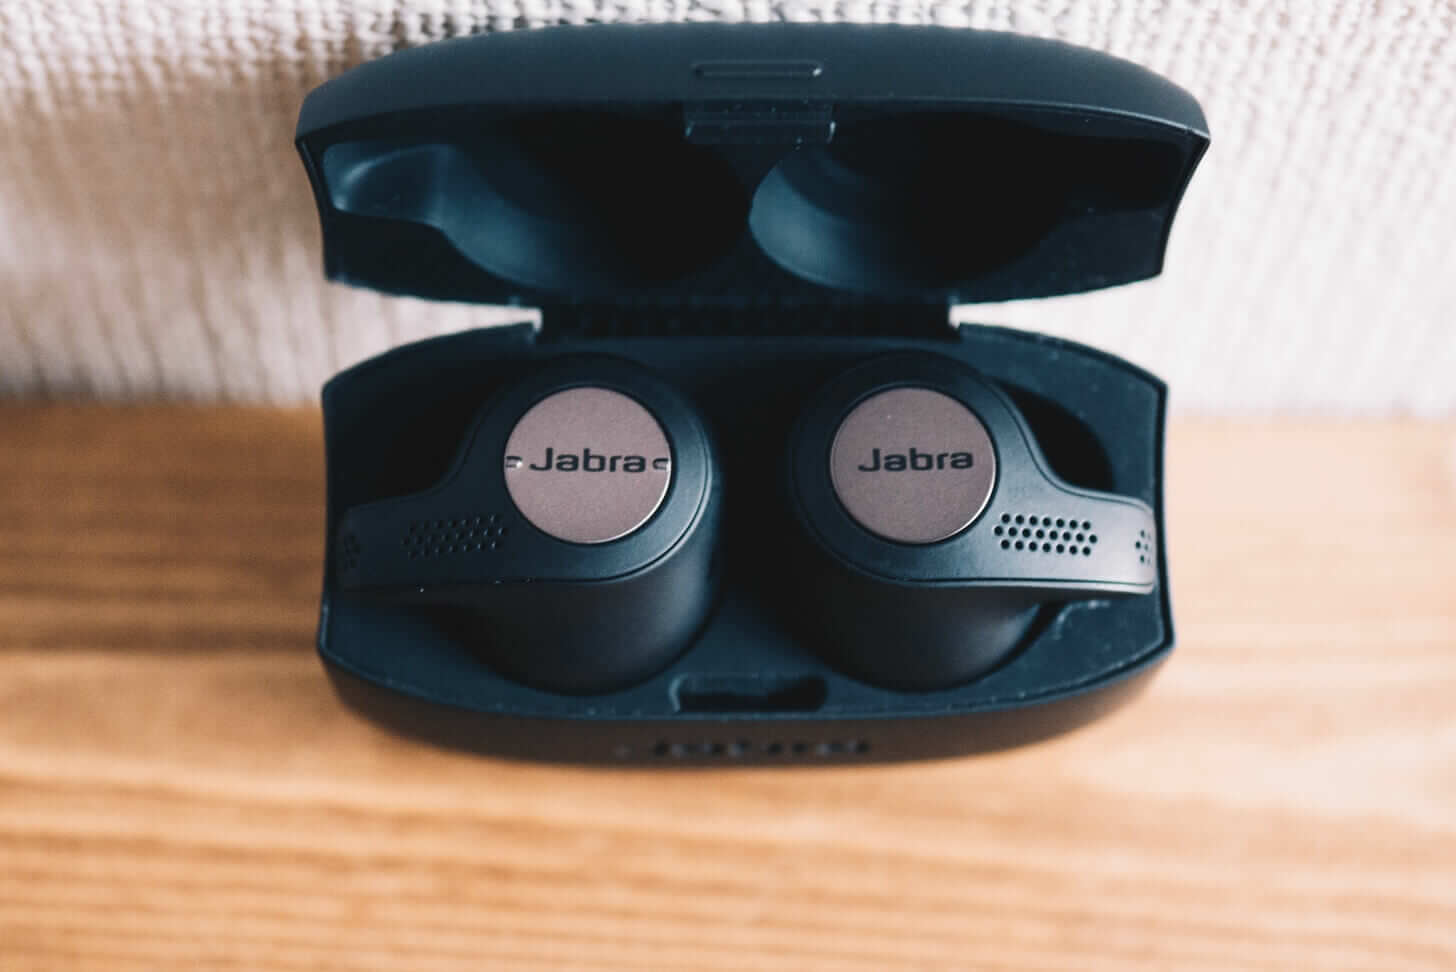 Jabra wireless earphone3